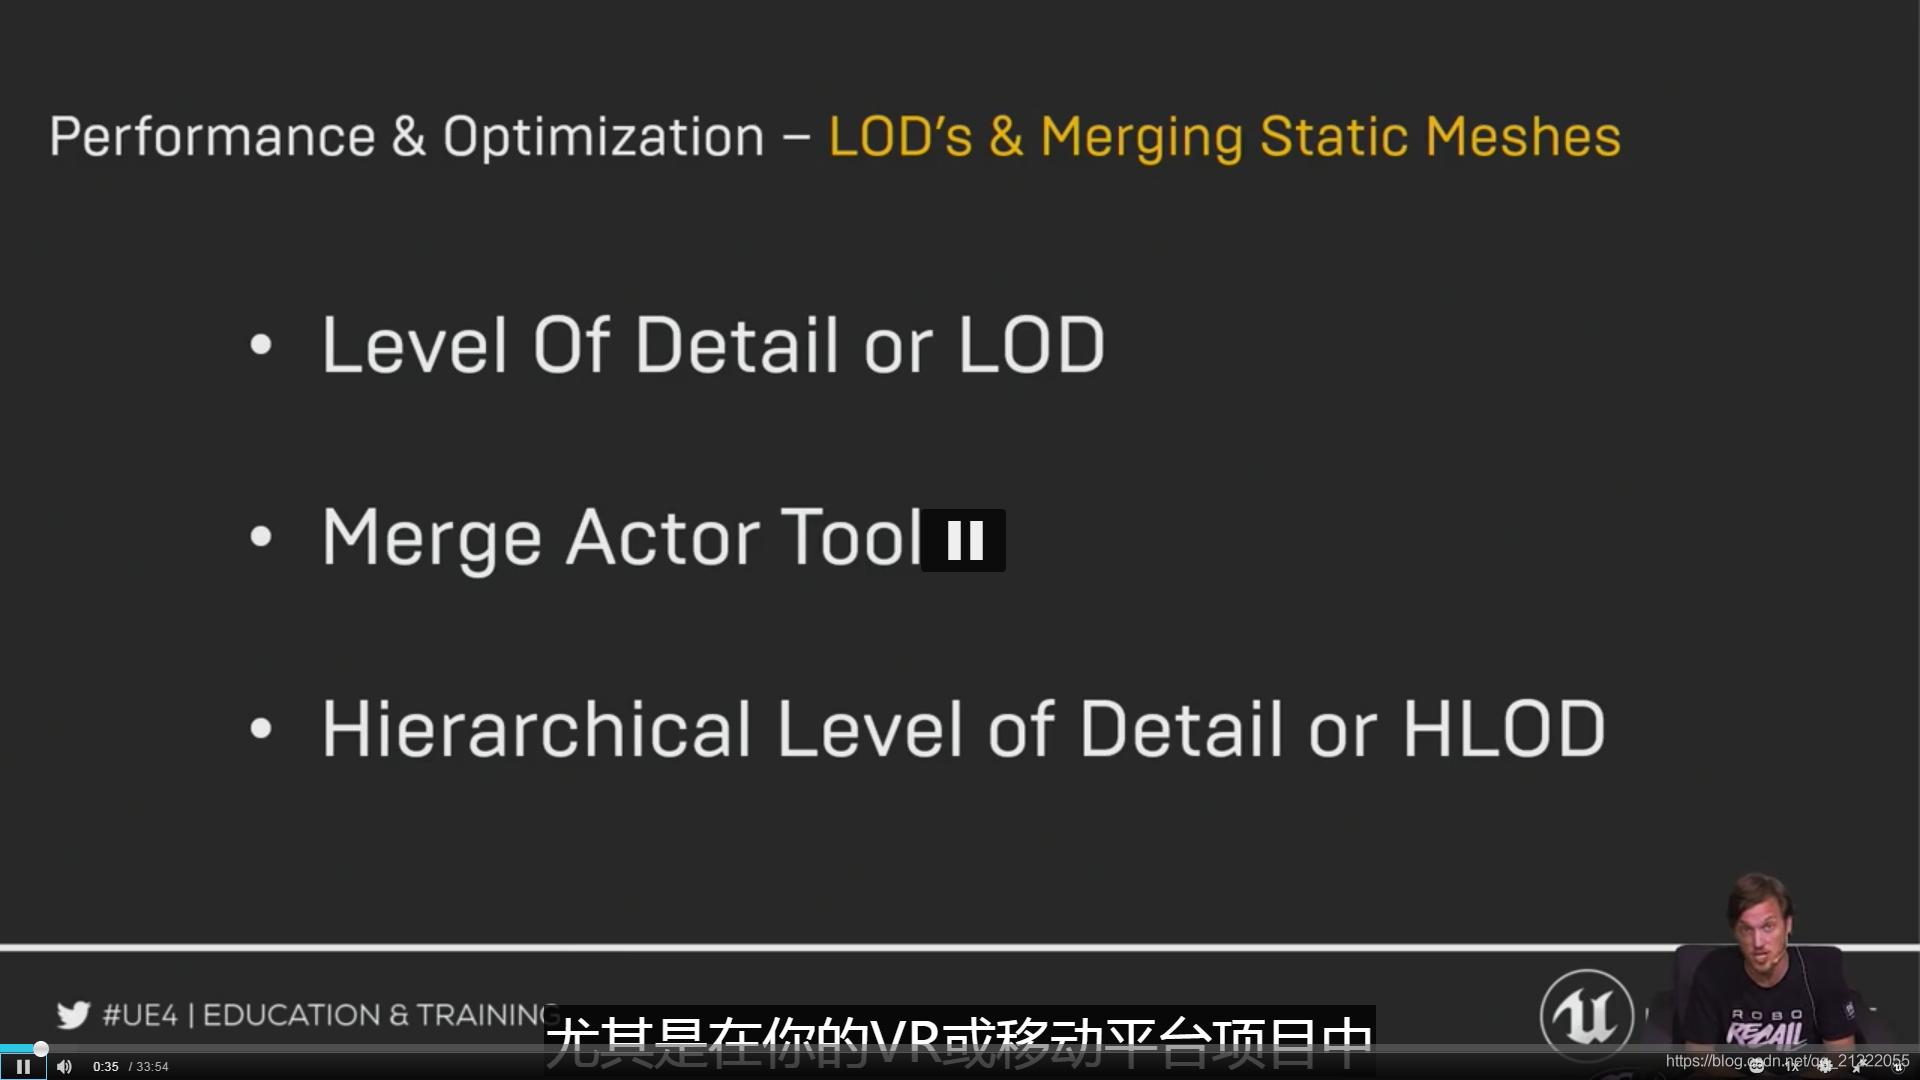 LOD与合并静态网格体